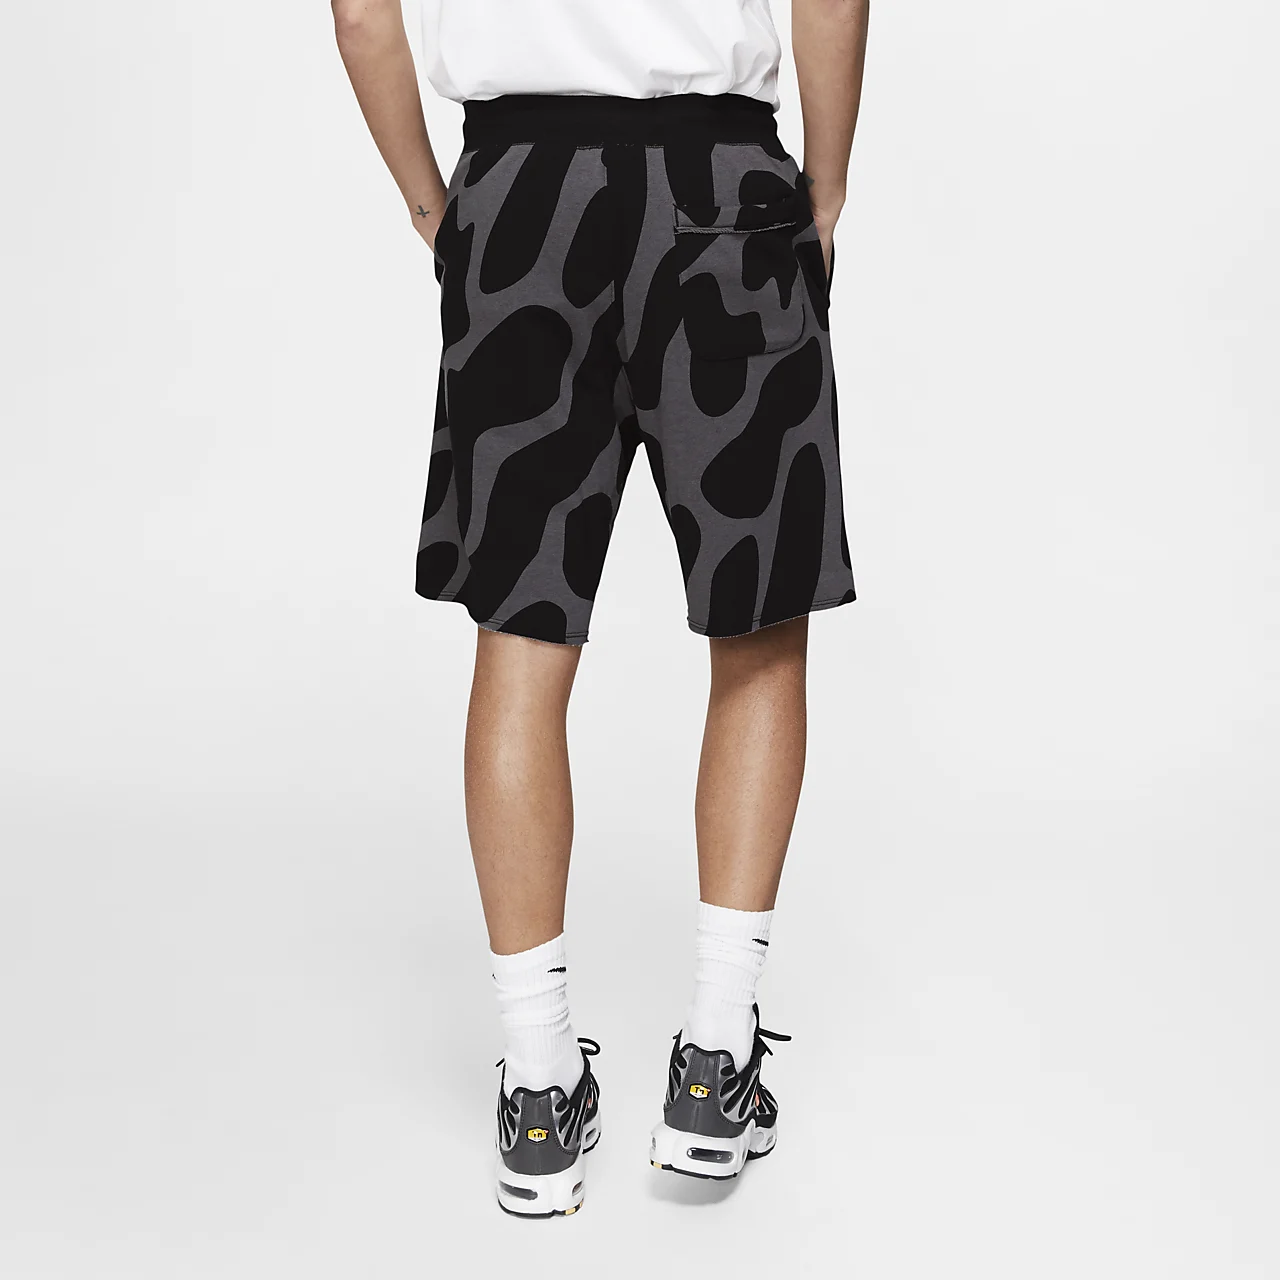 Nike Sportswear Men's Shorts CK0152-010